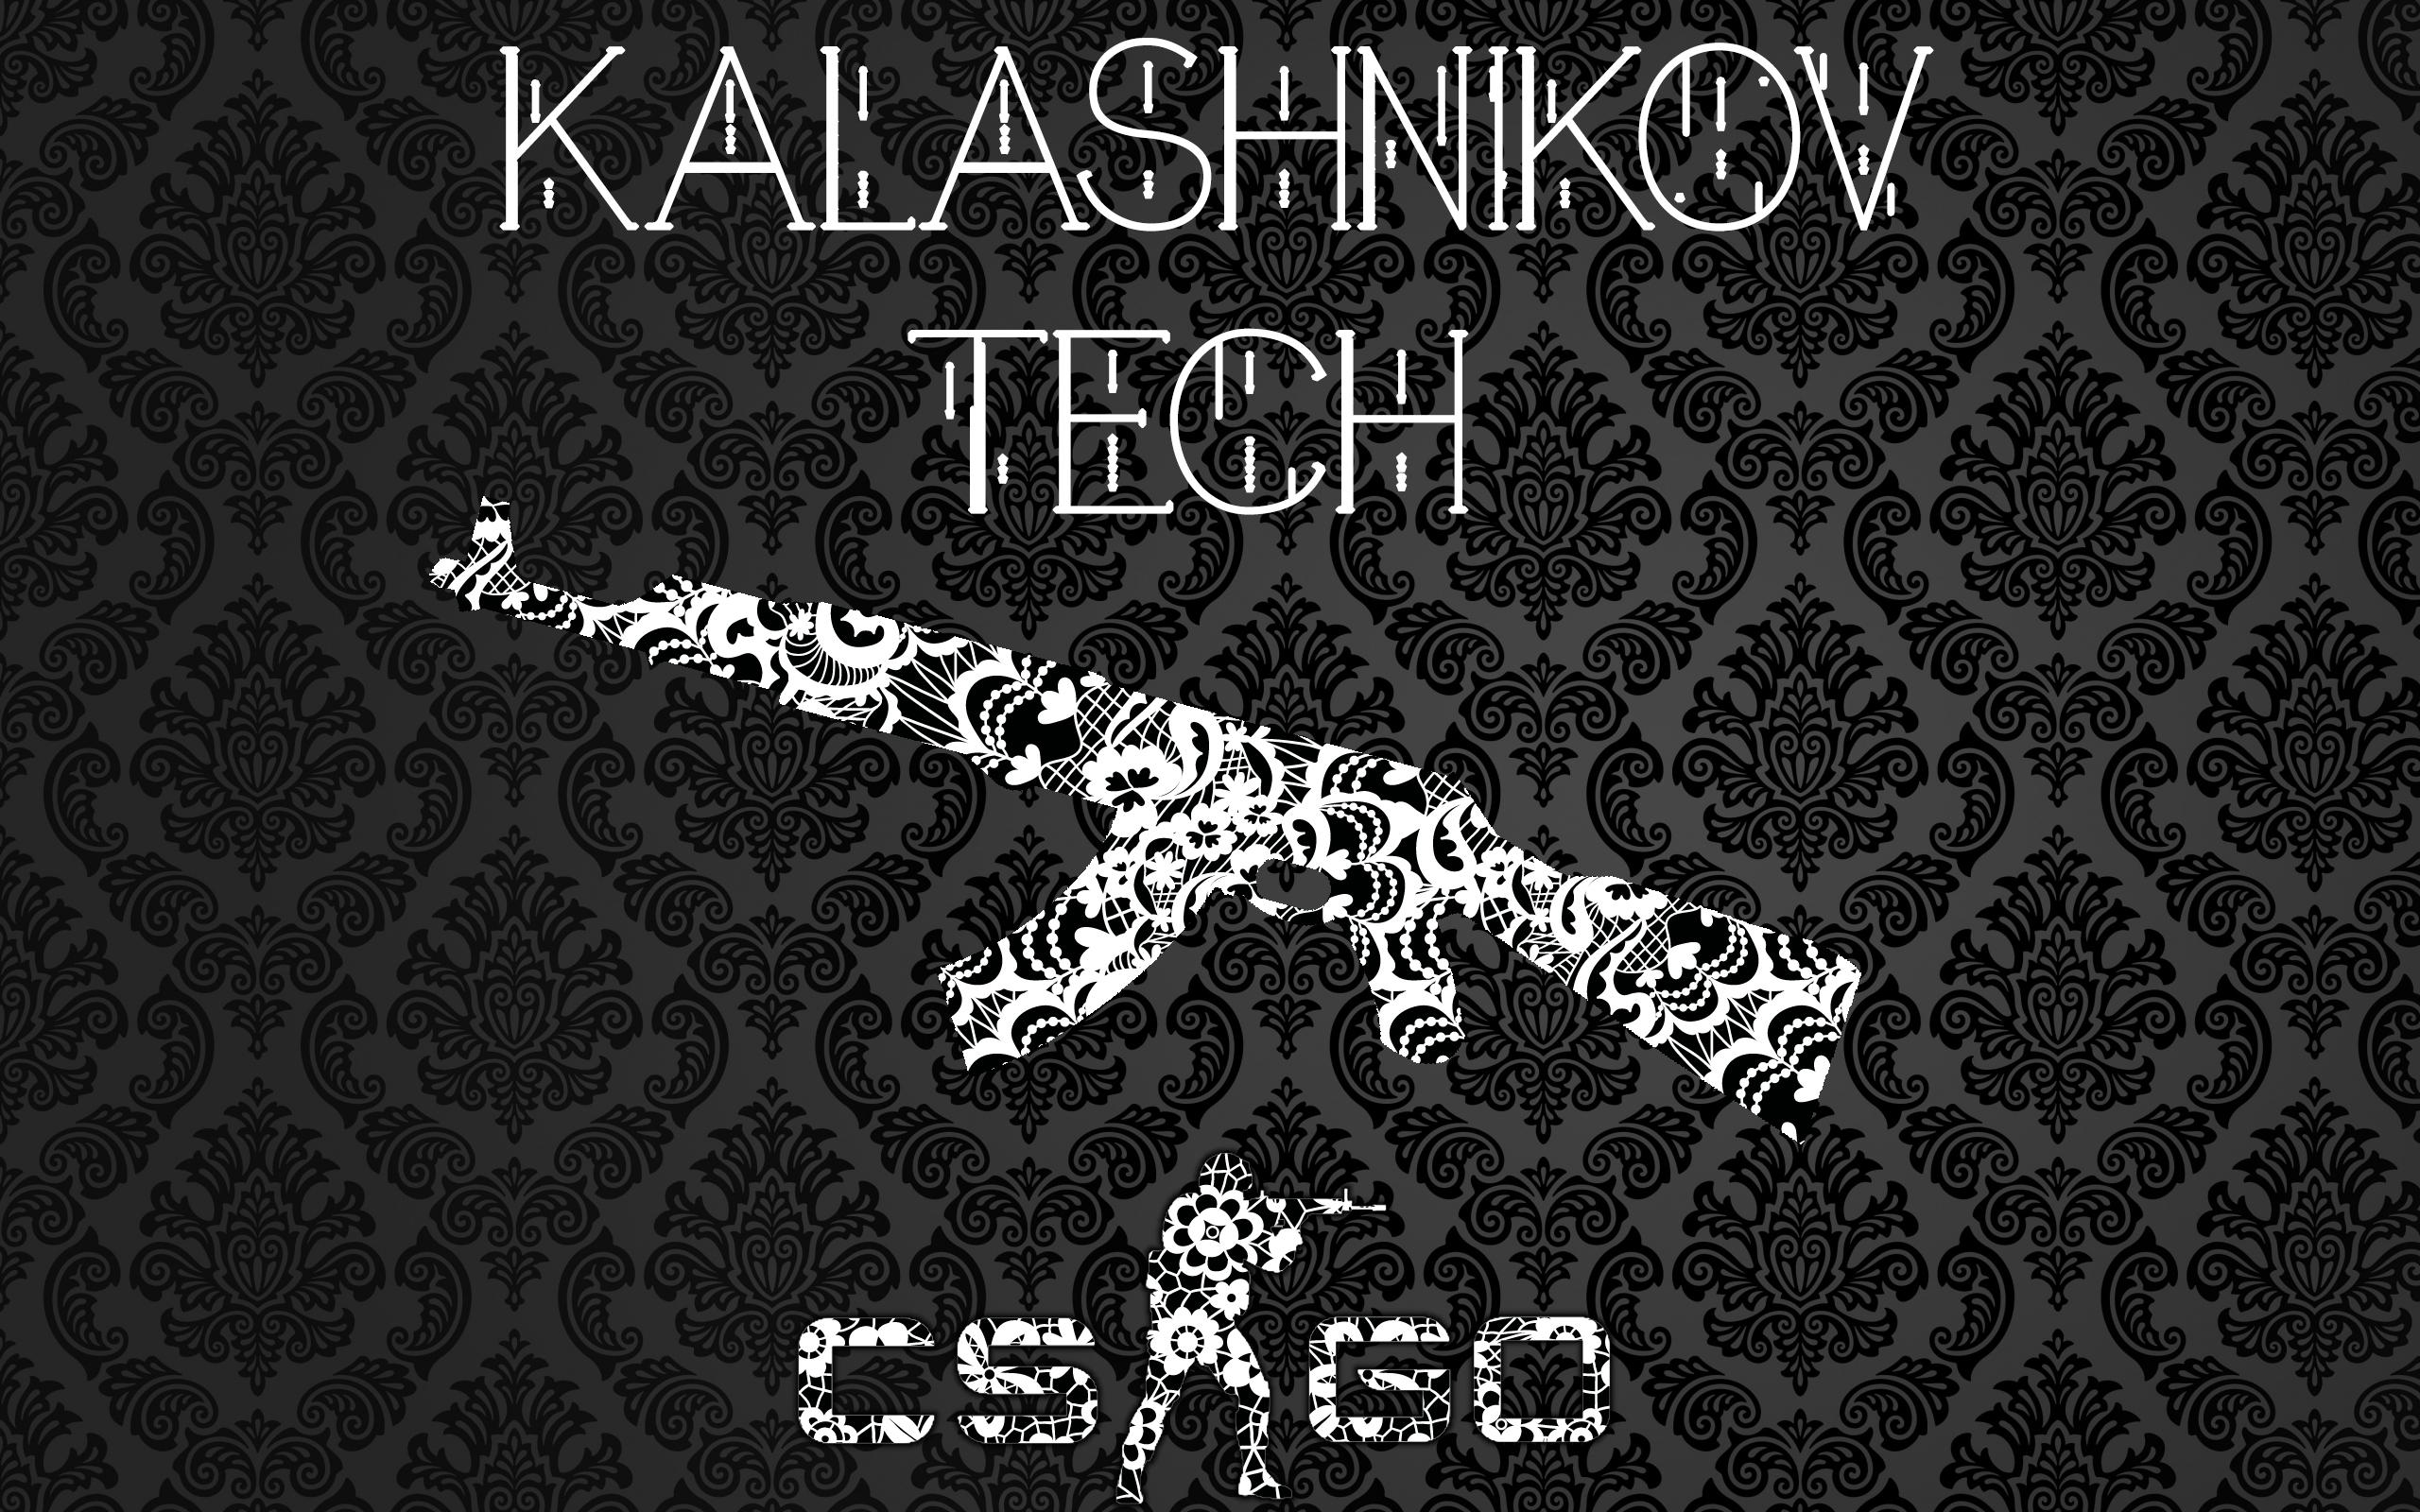 AK-47 tech